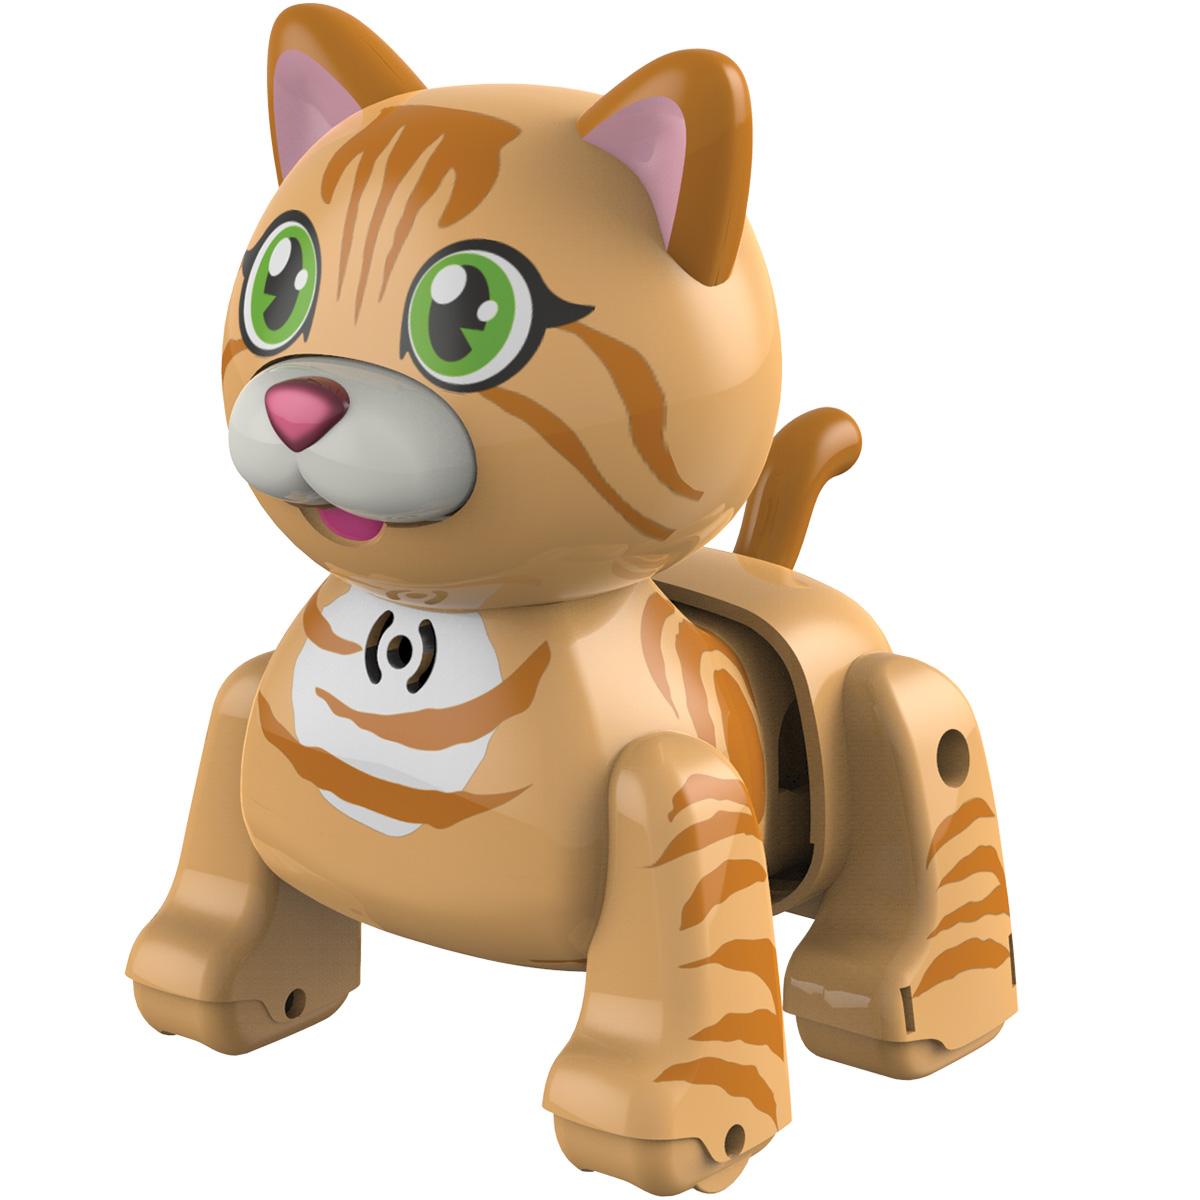 Интерактивный котенок - Американский короткошерстныйИнтерактивные животные<br>Интерактивный котенок - Американский короткошерстный<br>